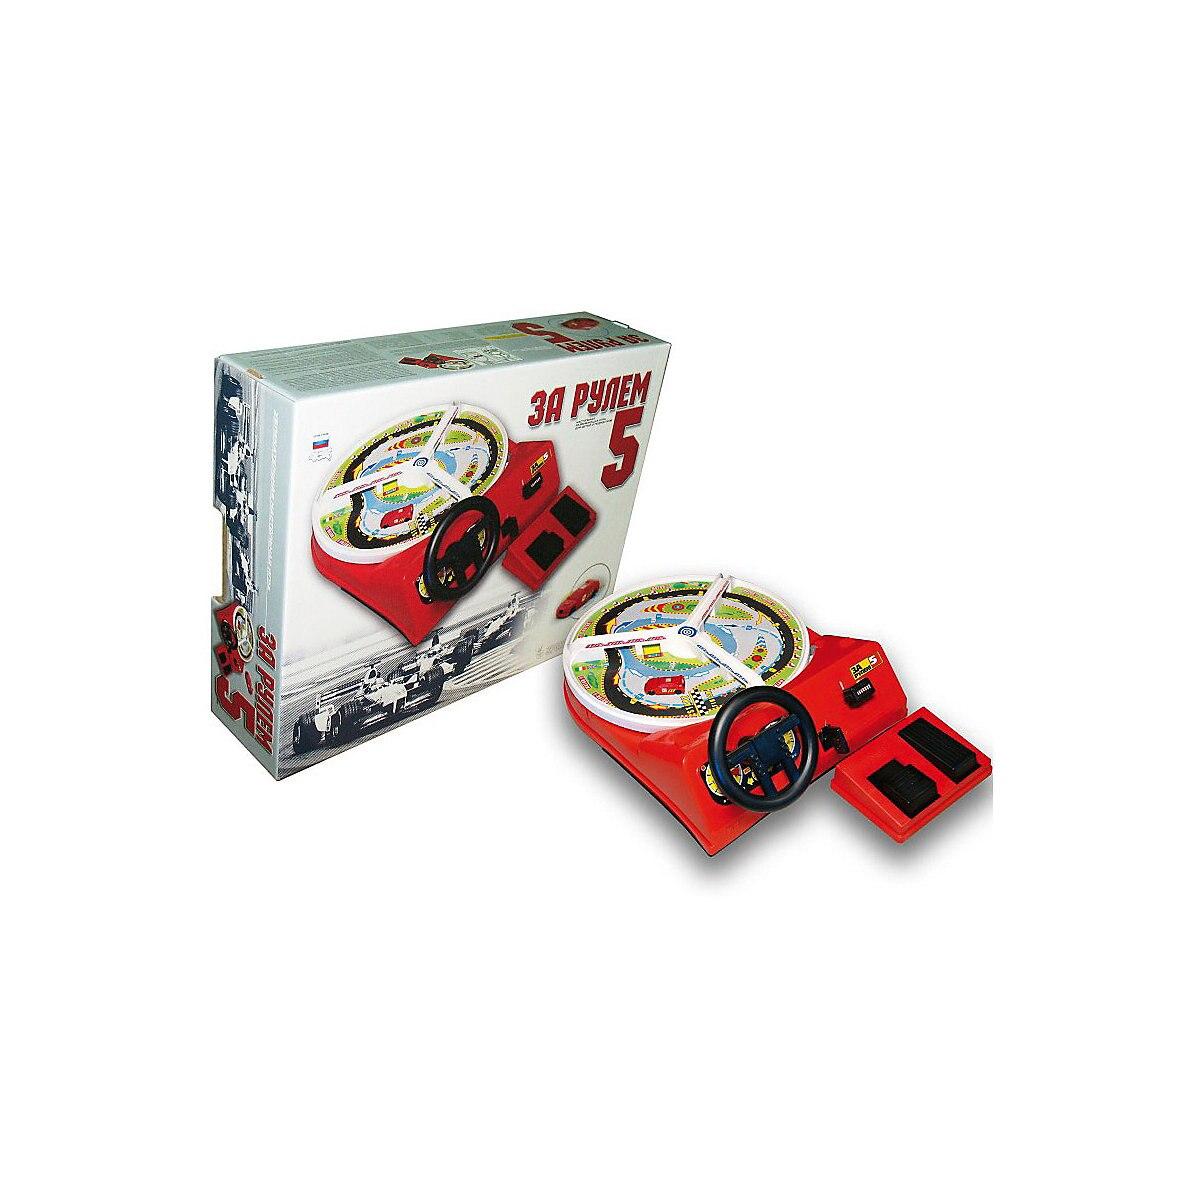 цена на Game Room omskiy zavod elektrotovarov 7377658 toys board game children's educational games roomfor boys girls